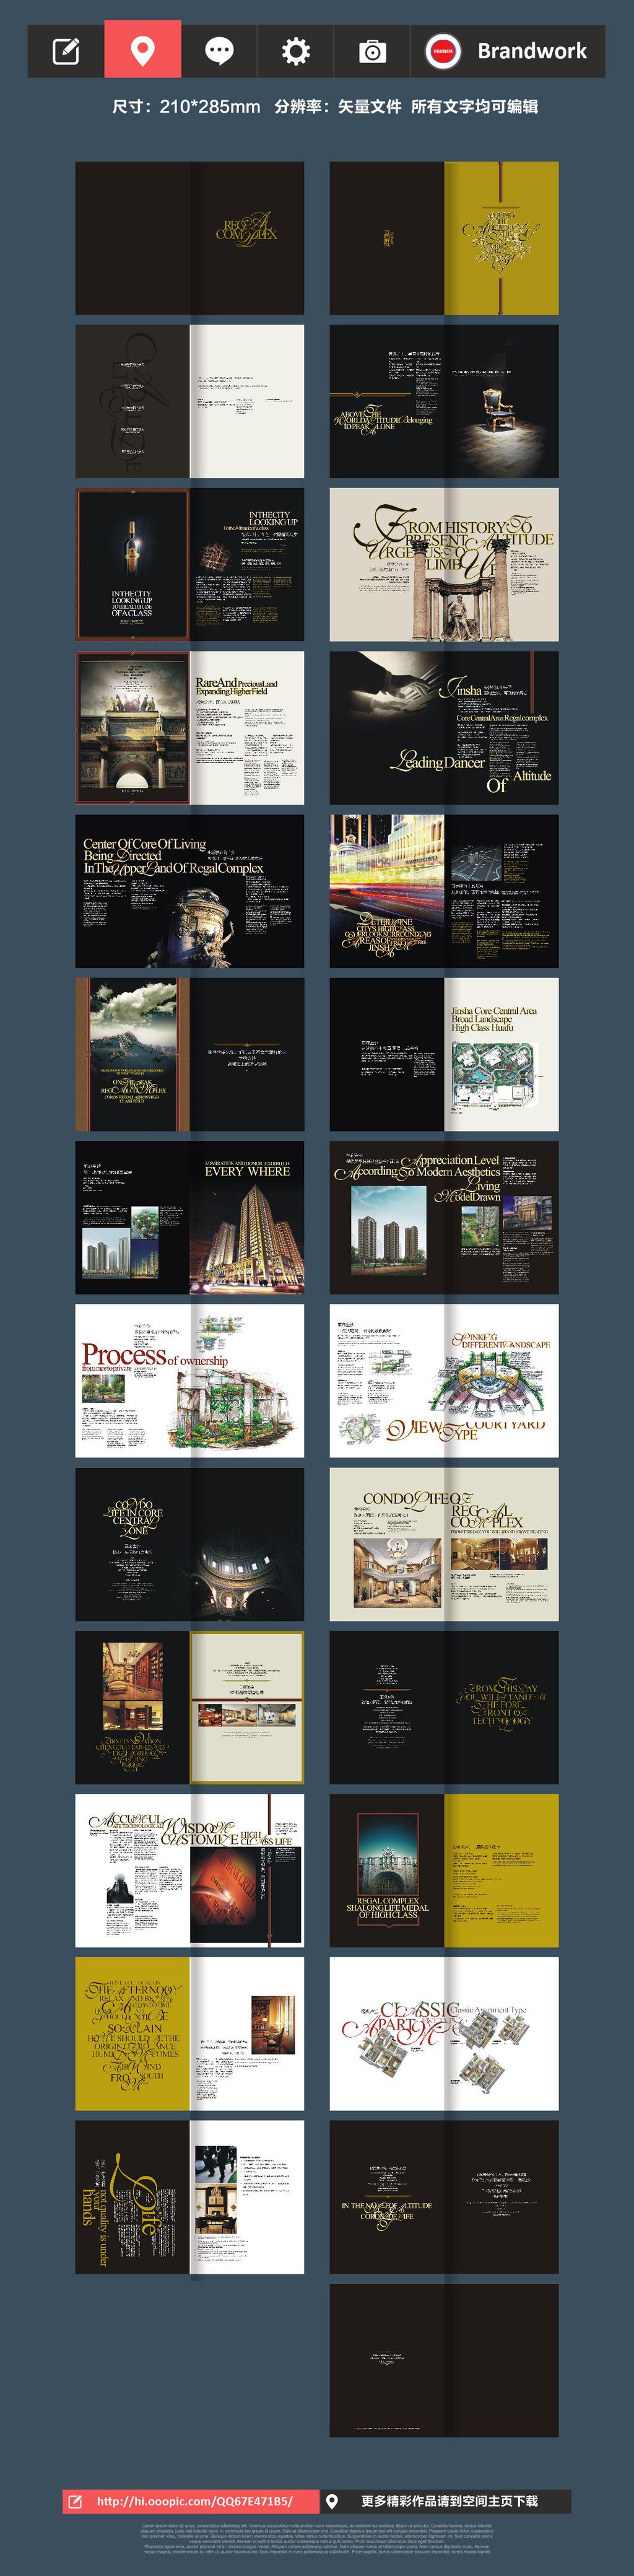 高端时尚简约房地产楼盘画册宣传册楼书设计图片